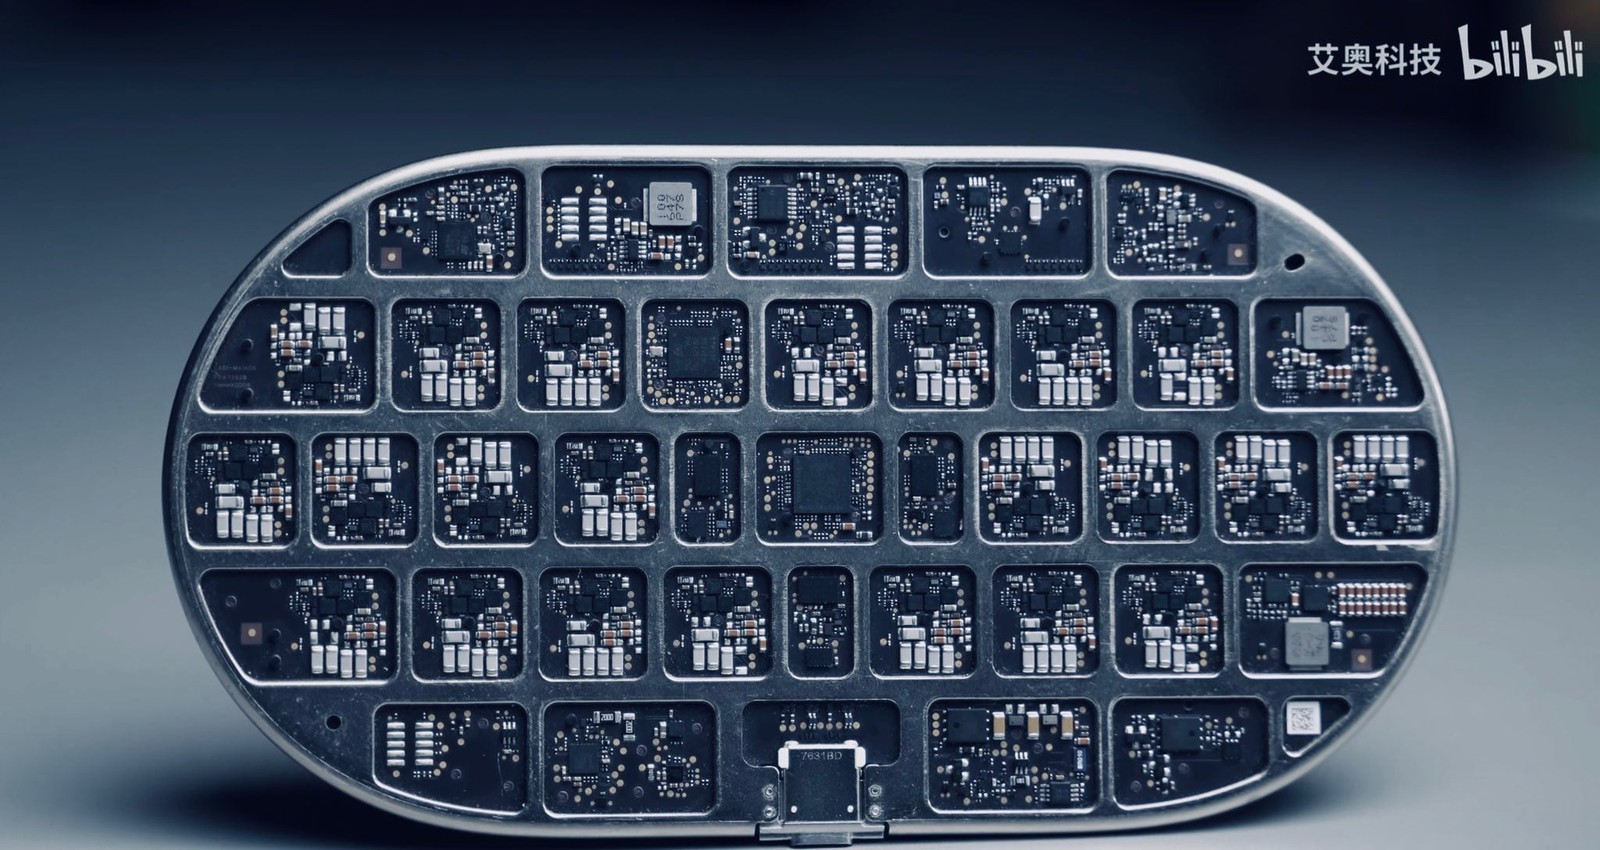 Podívejte se, jak vypadá rozebraný AirPower